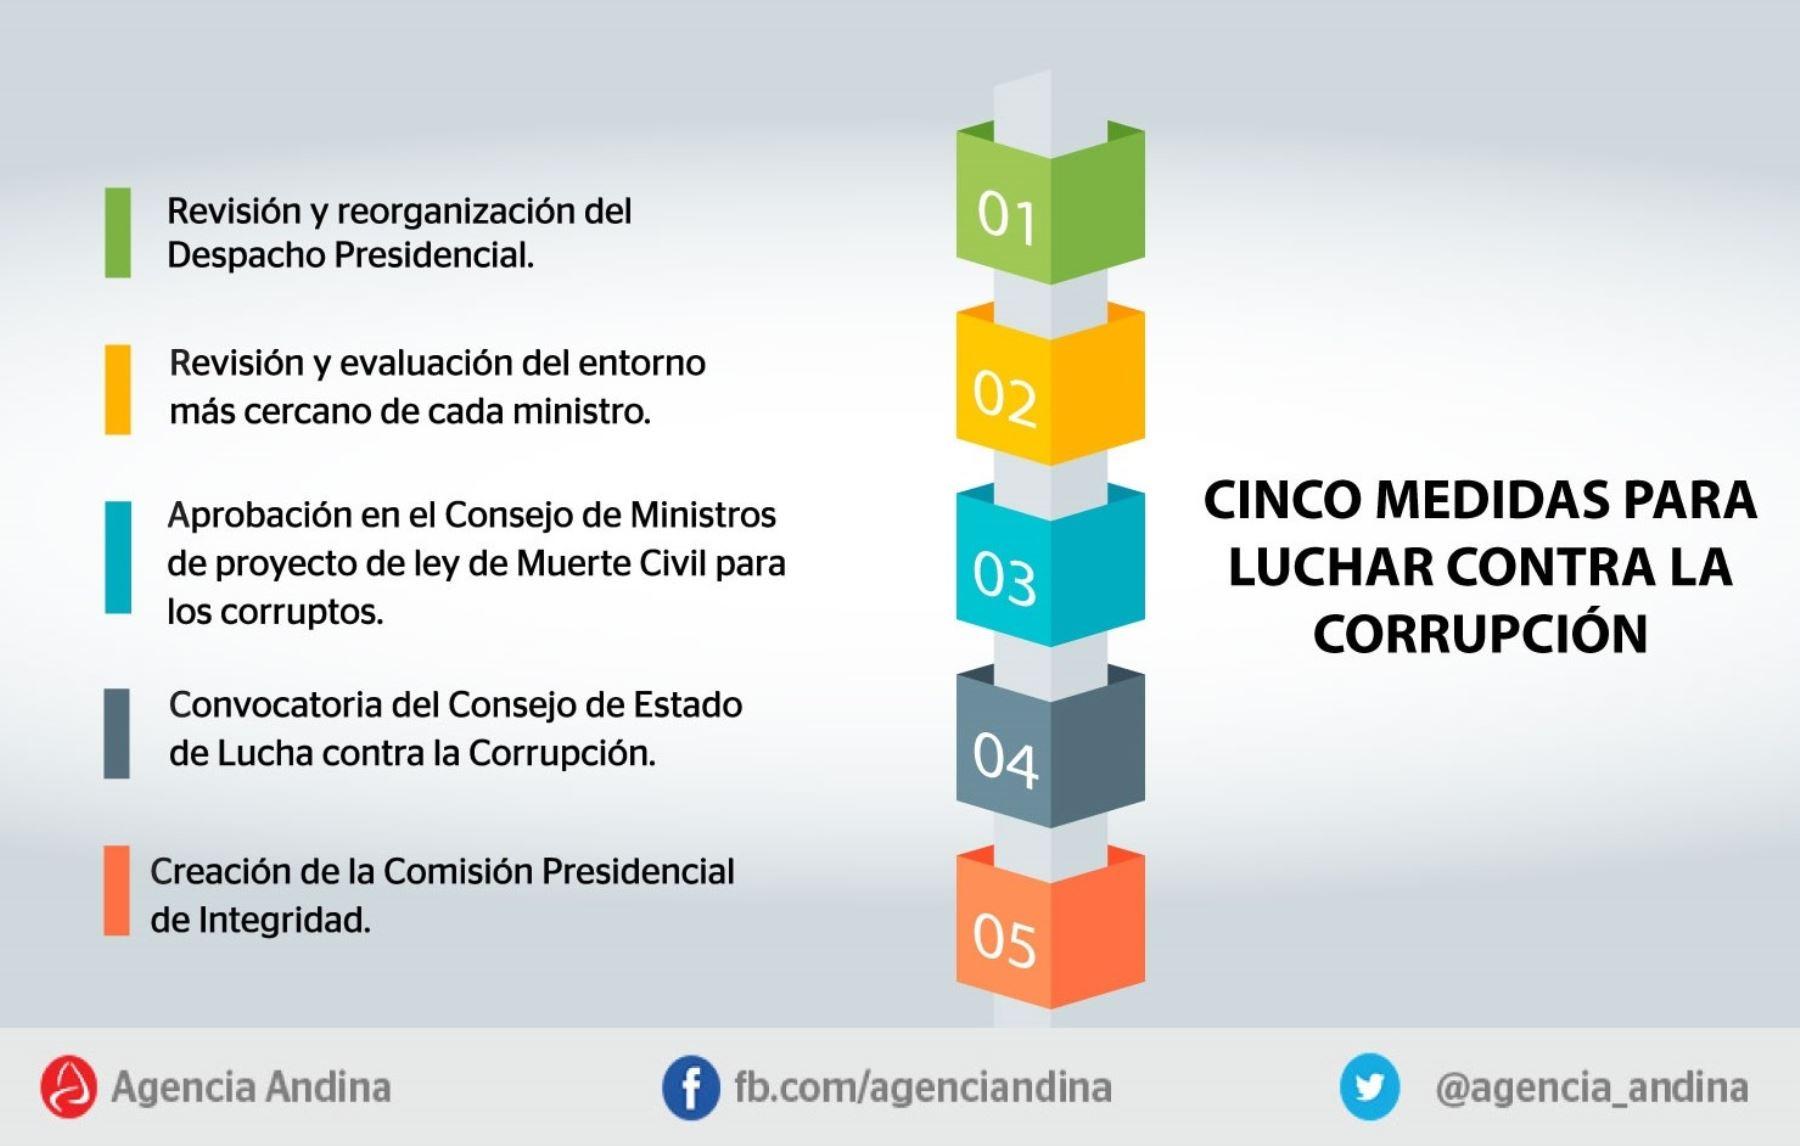 Medidas para luchar contra la corrupción anunciadas por el presidente Pedro Pablo Kuczynski.